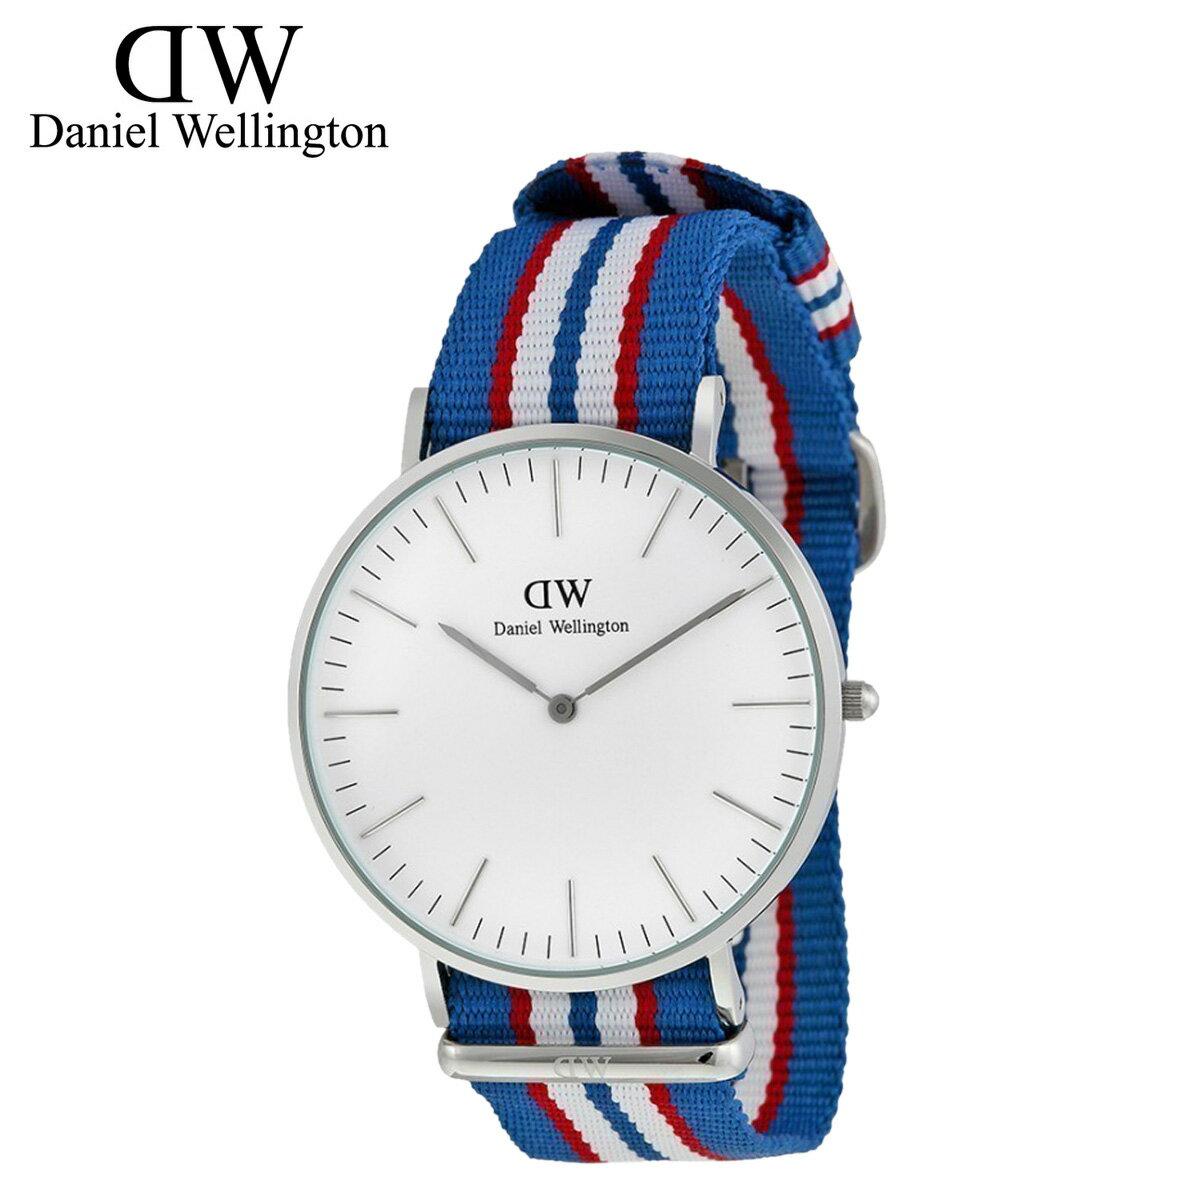 ダニエルウェリントン Daniel Wellington 40mm 腕時計 メンズ  CLASSIC BELFAST  シルバー [S20]  送料無料  ダニエル ウェリントン Daniel Wellington 腕時計 40ミリ 正規  通販